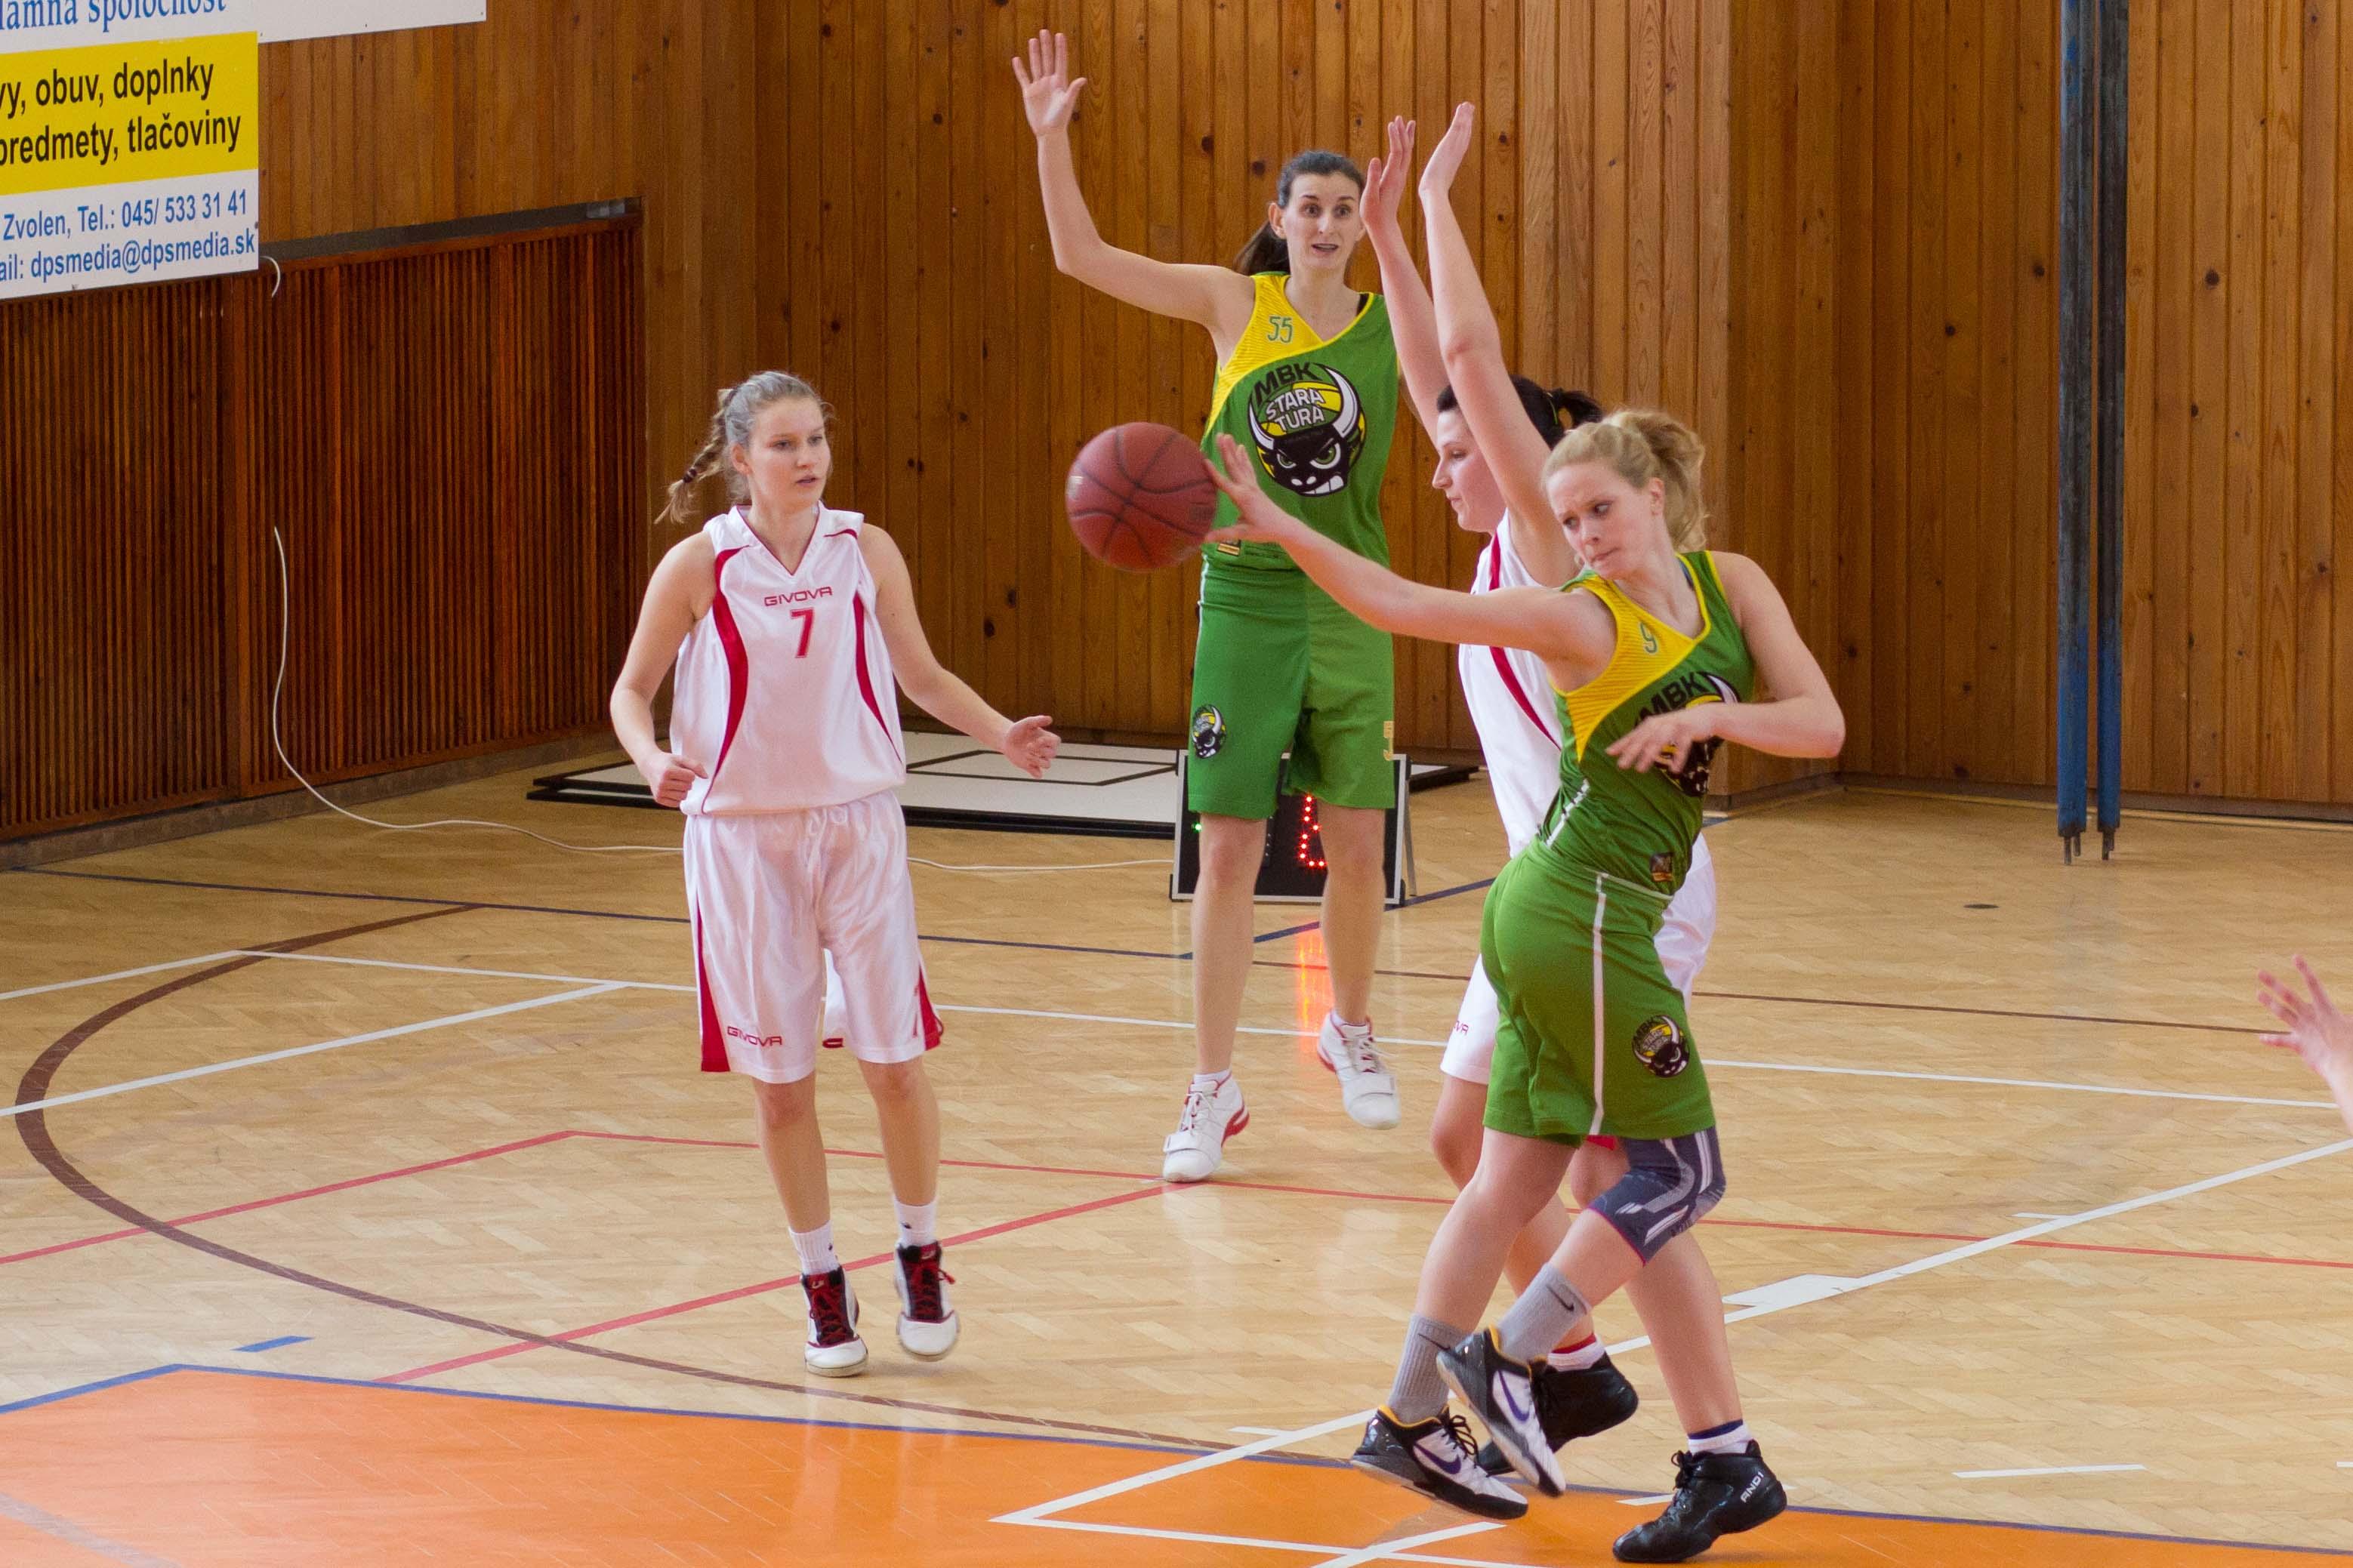 bk-zs-zvolen-mbk-stara-tura-2013-zeny-basketbal-17